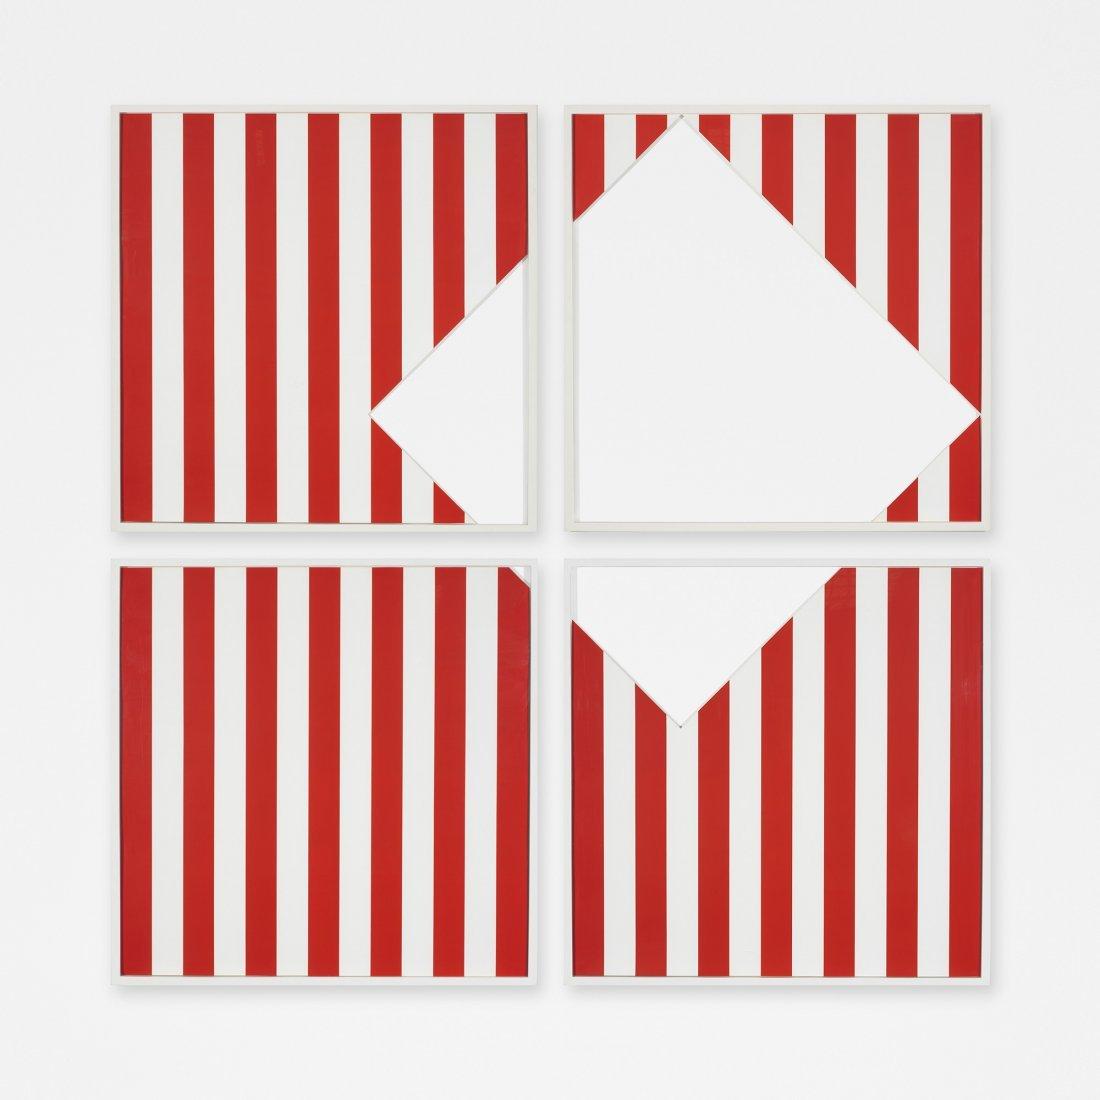 117: Daniel Buren The Missing Square